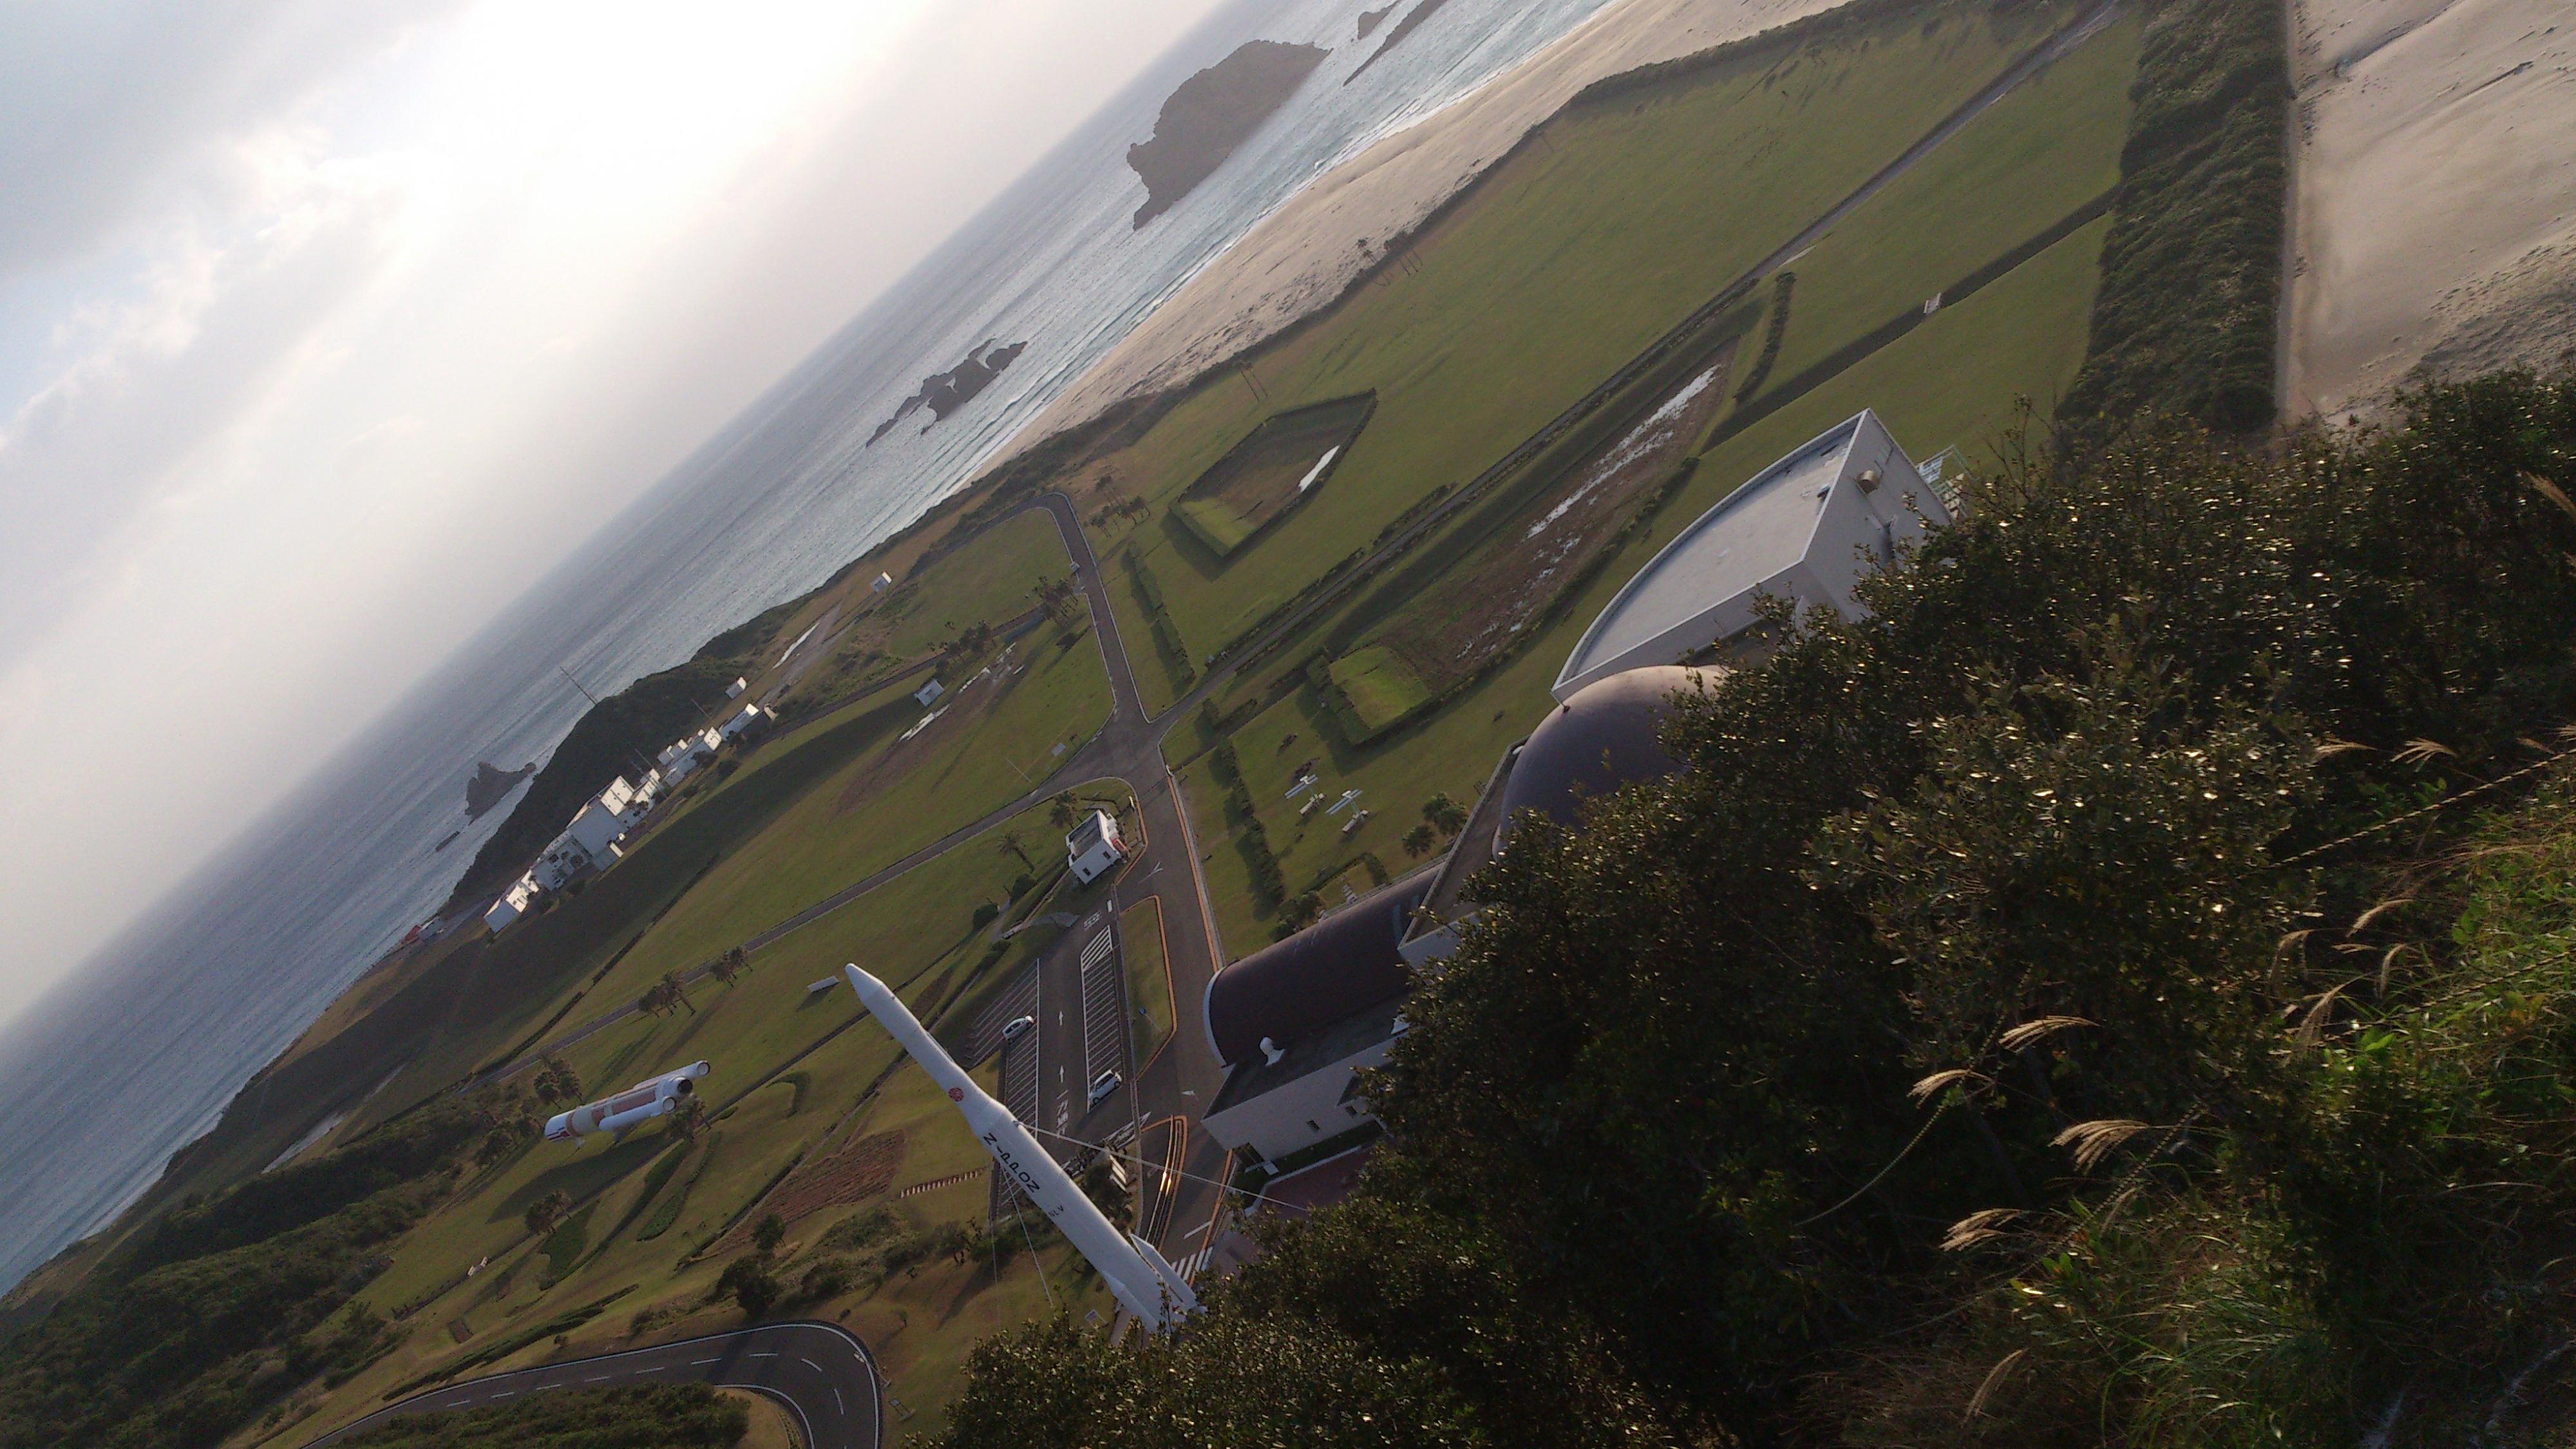 2012年12月。僕は種子島を一人で旅した:種子島宇宙ステーション近辺